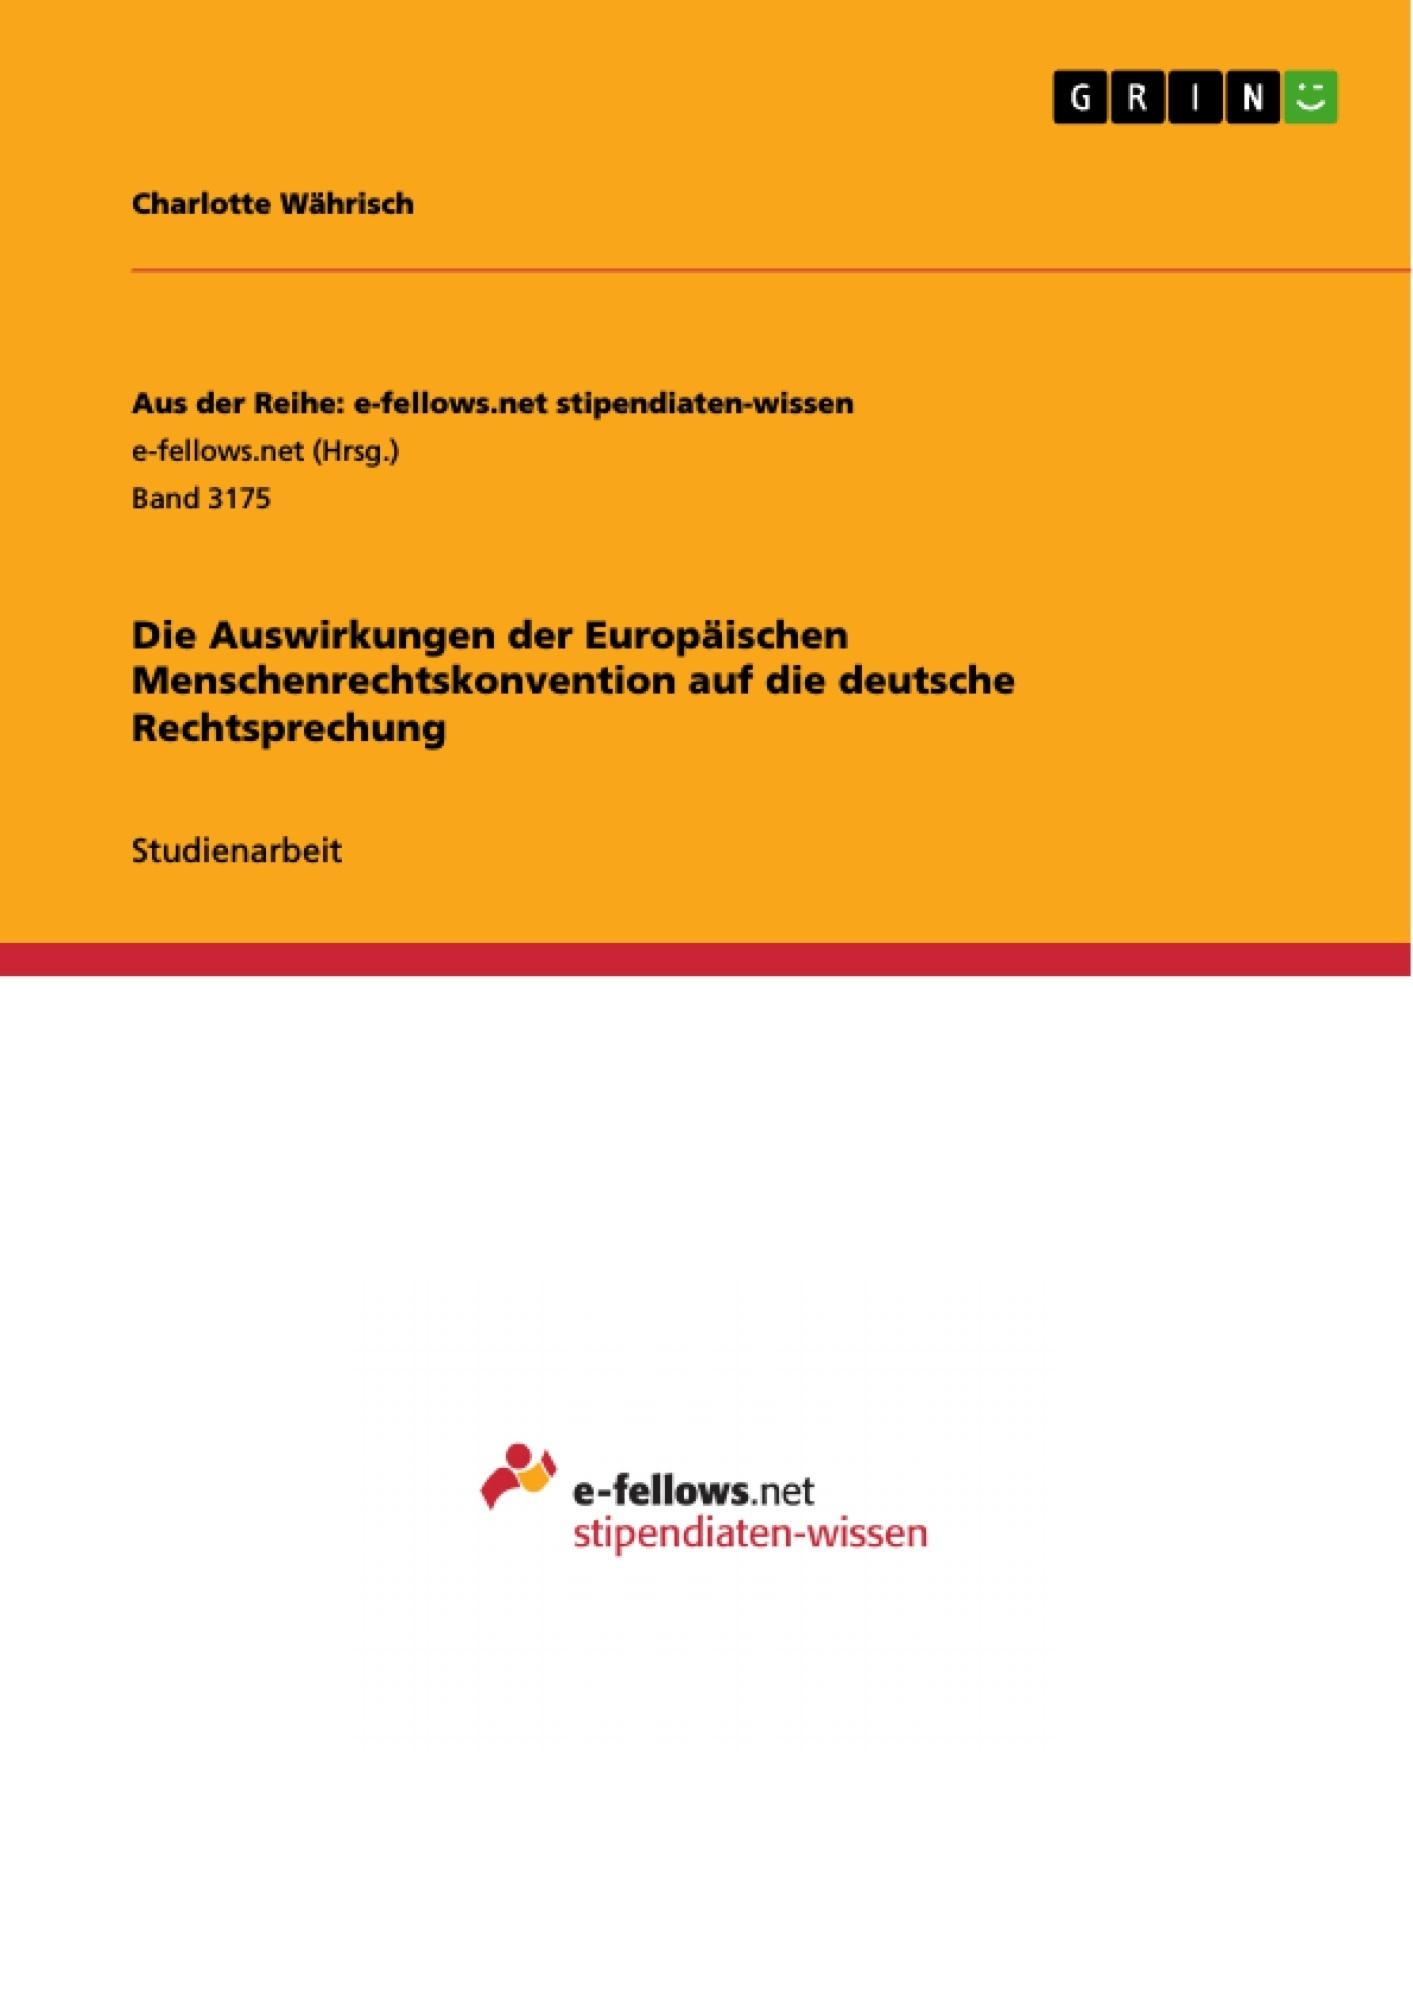 Titel: Die Auswirkungen der Europäischen Menschenrechtskonvention auf die deutsche Rechtsprechung